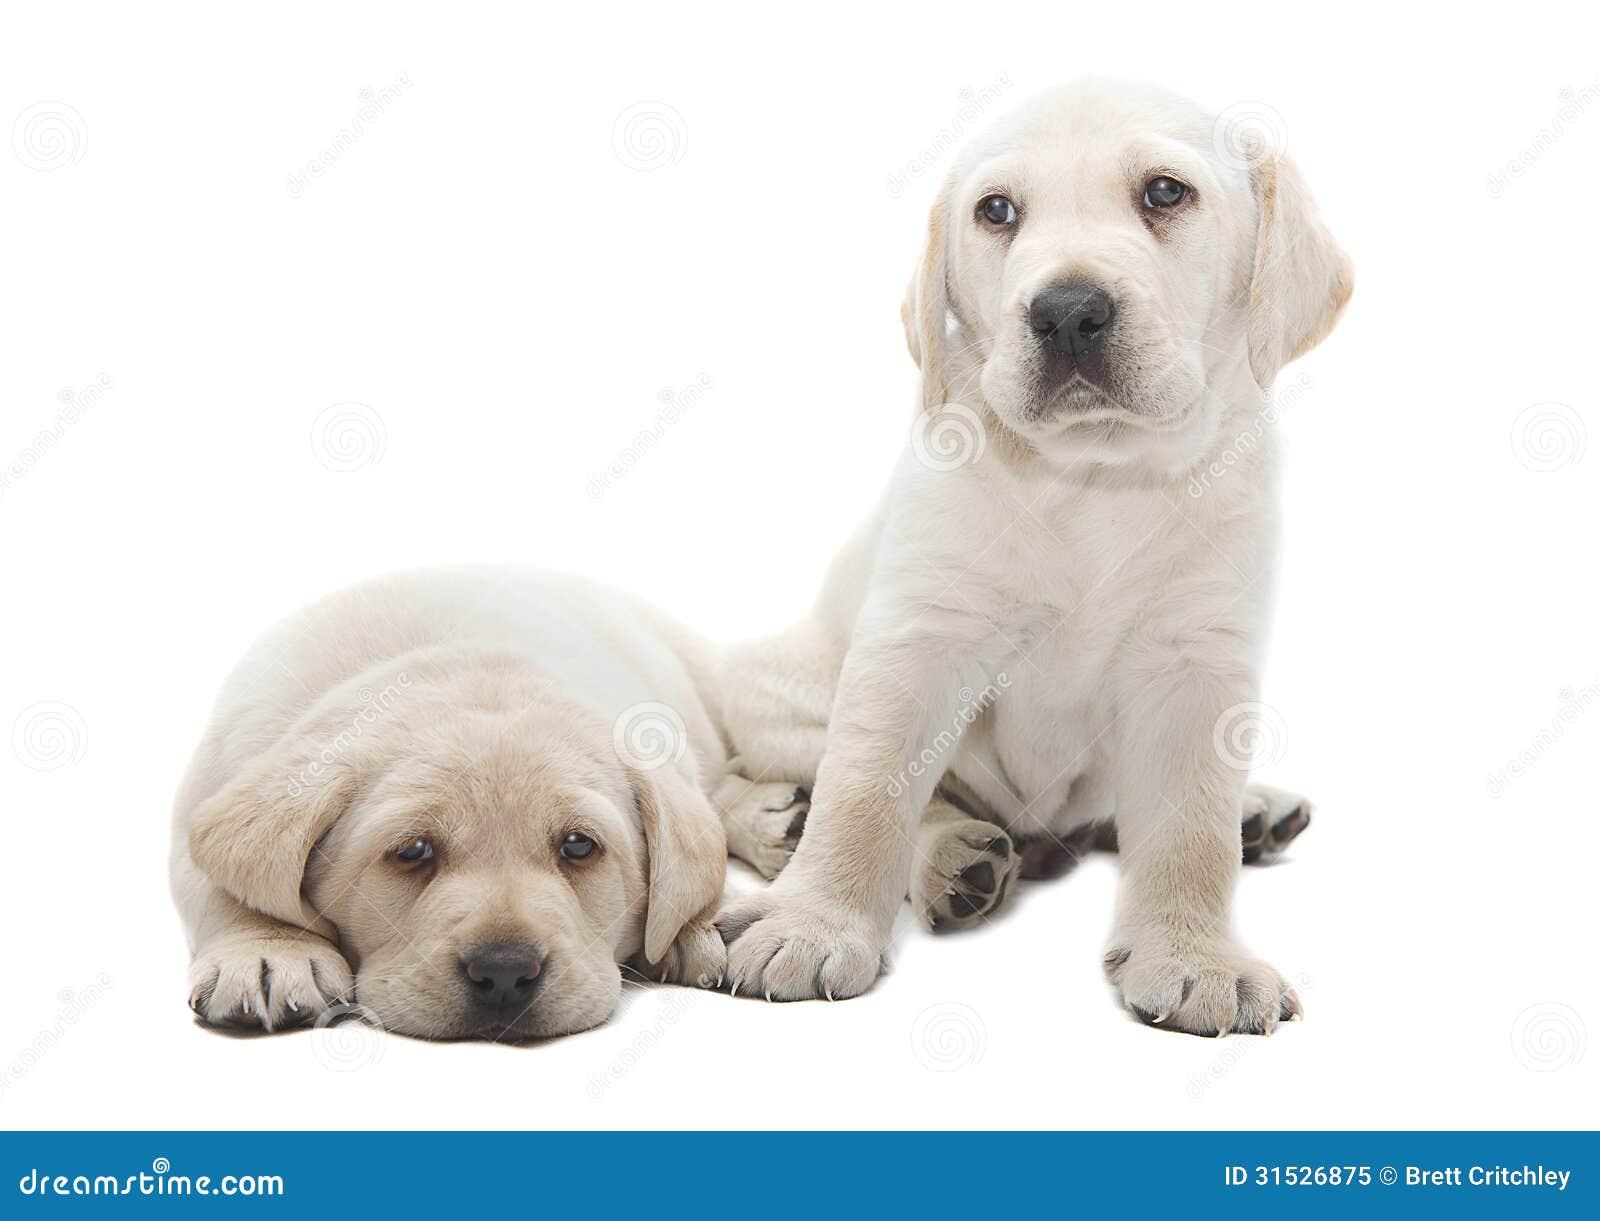 Cuccioli Di Cane Di Labrador Immagine Stock - Immagine: 31526875